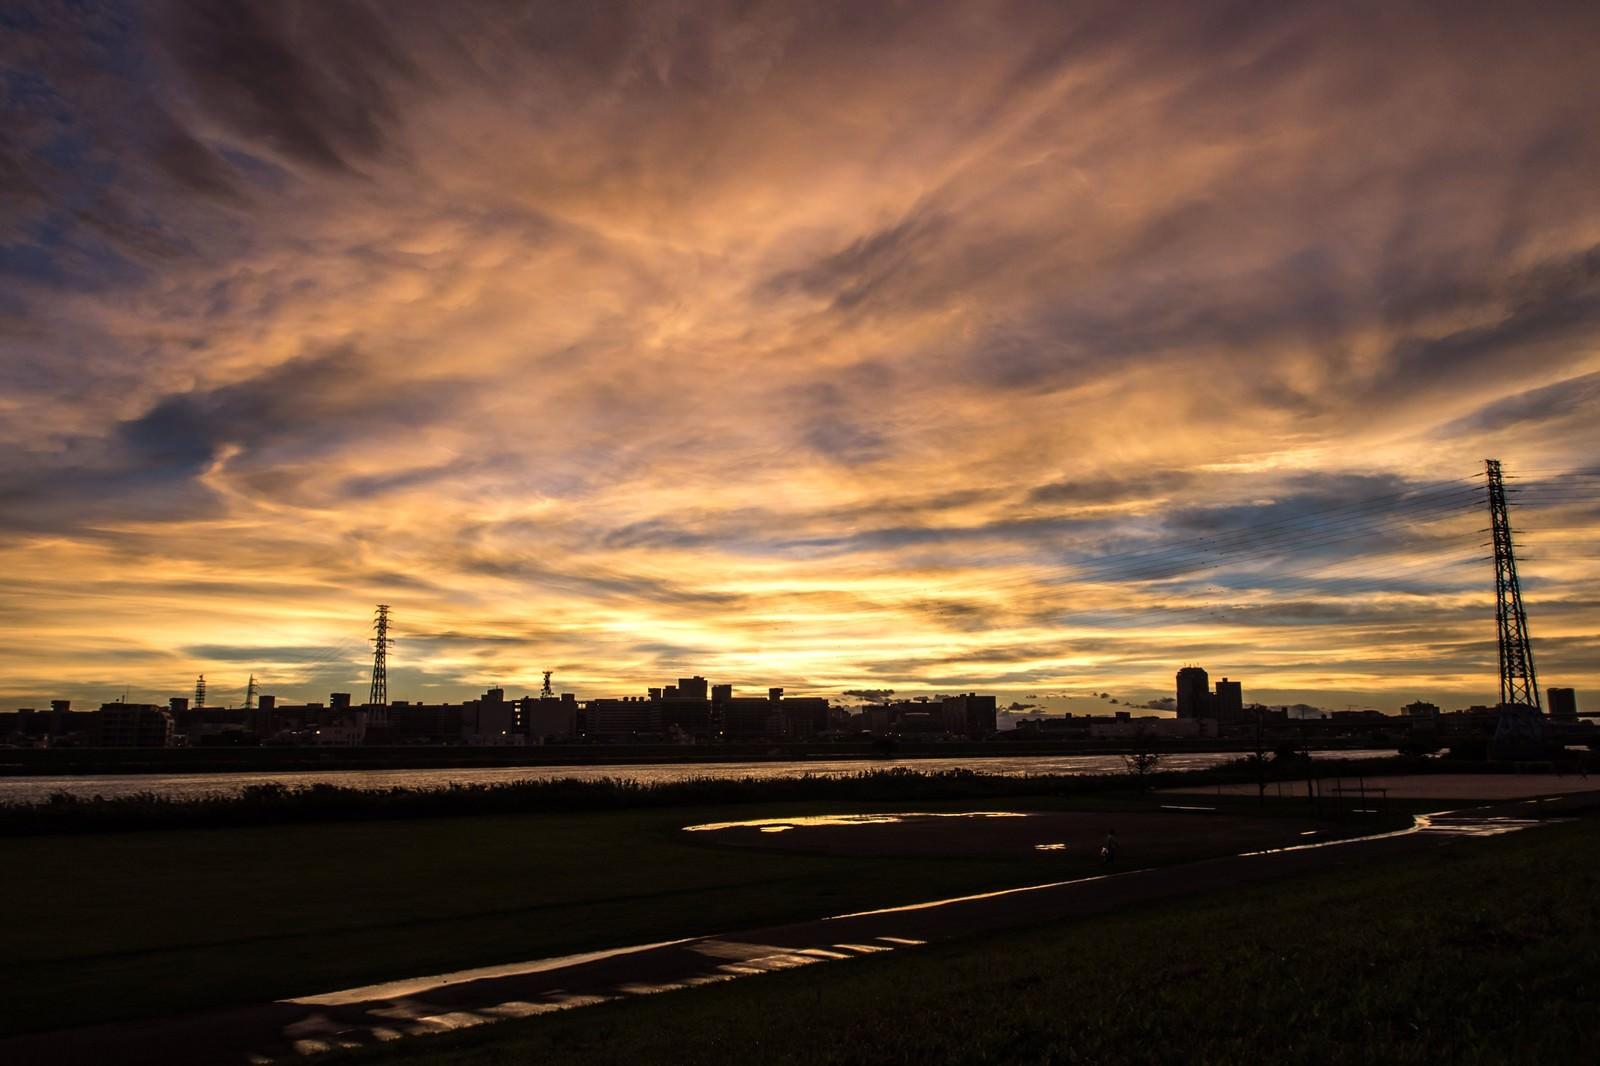 「河川と夕暮れ」の写真